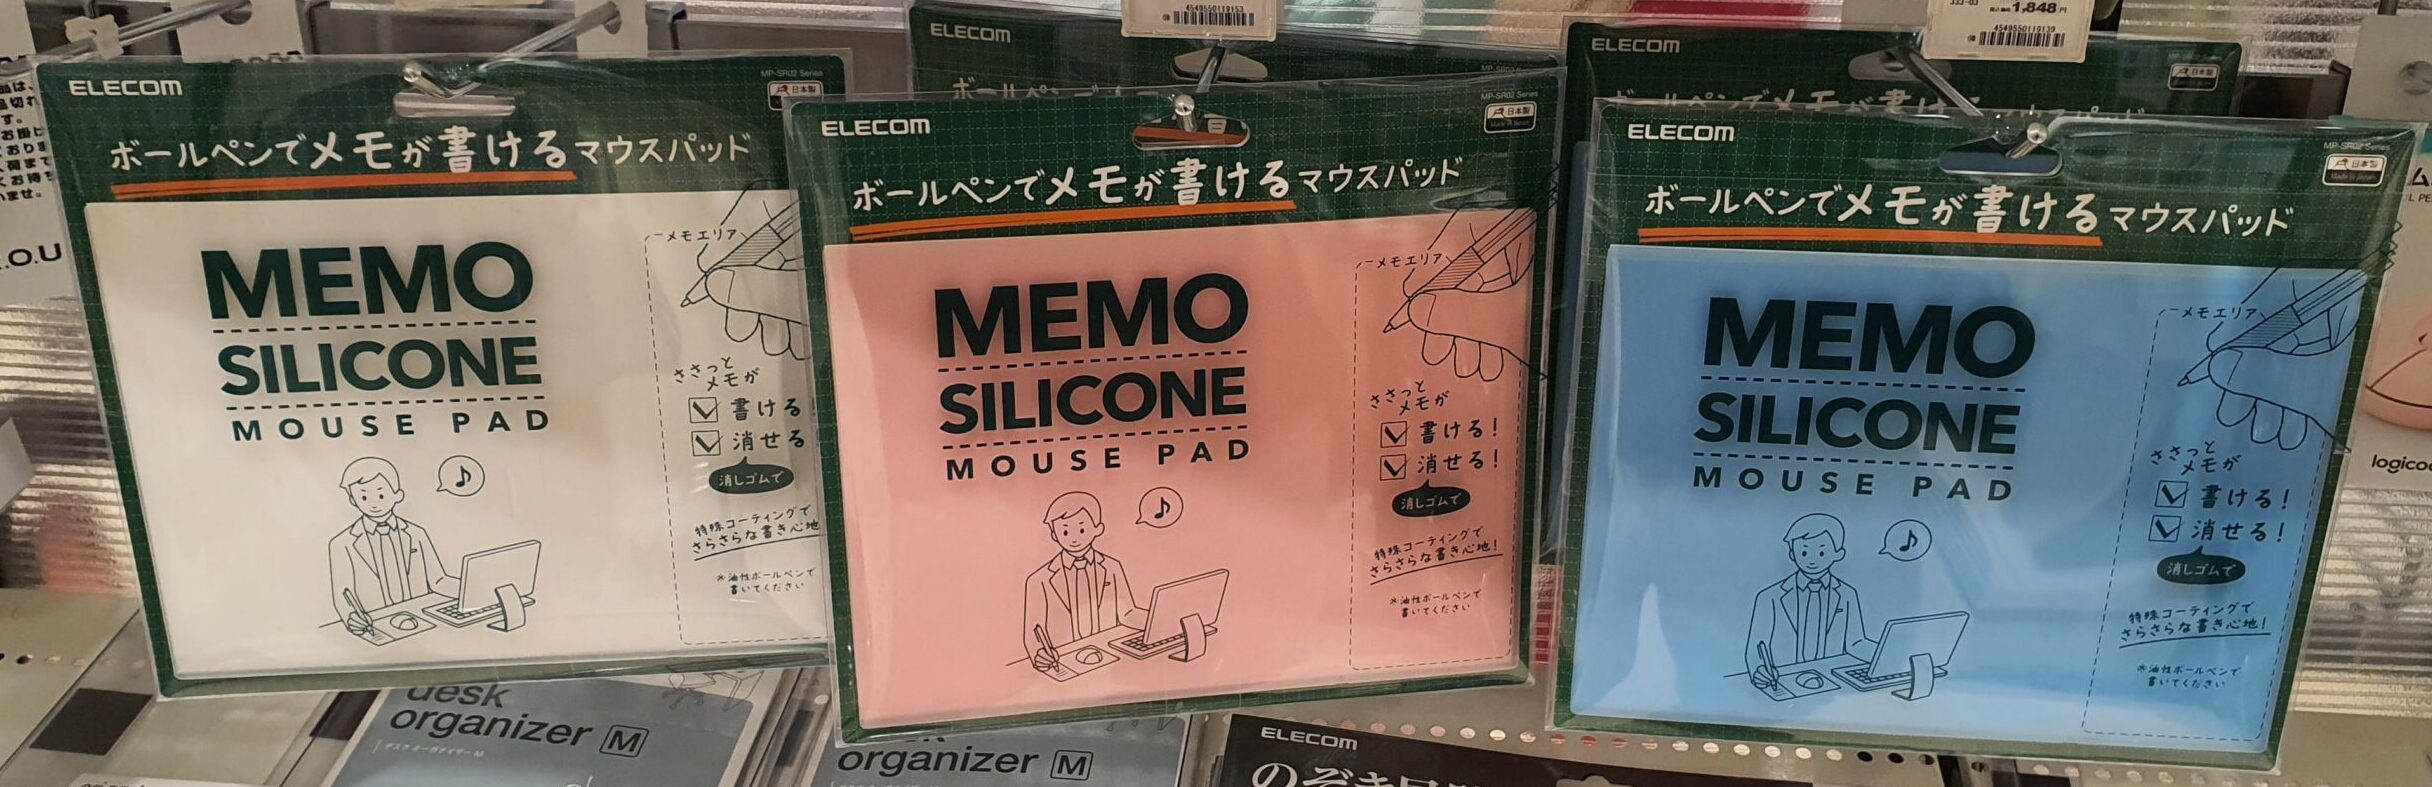 ボールペンでメモができる!?ELECOMのマウスパッド「メモシリコーンマウスパッド」が便利